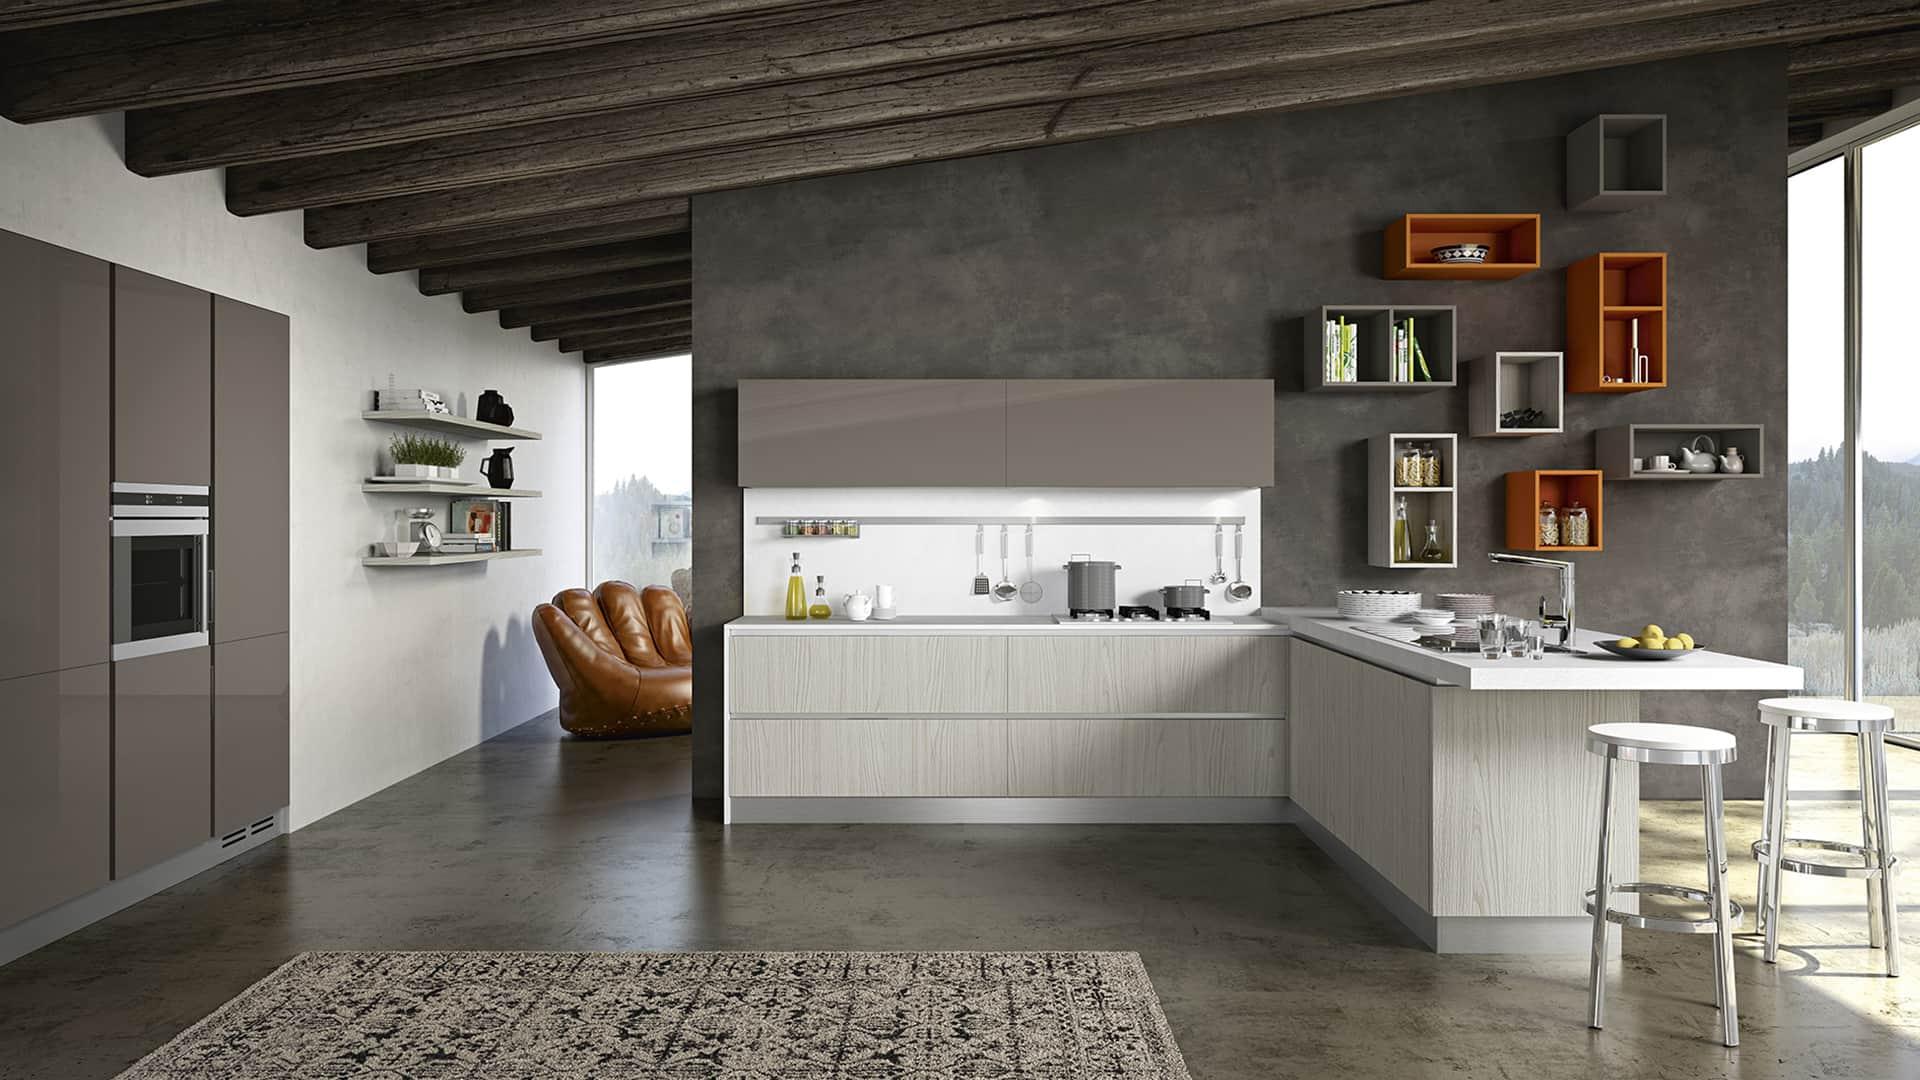 Cucine Moderne Padova.Cucine Moderne Con Penisola A Sinistra Design Per La Casa